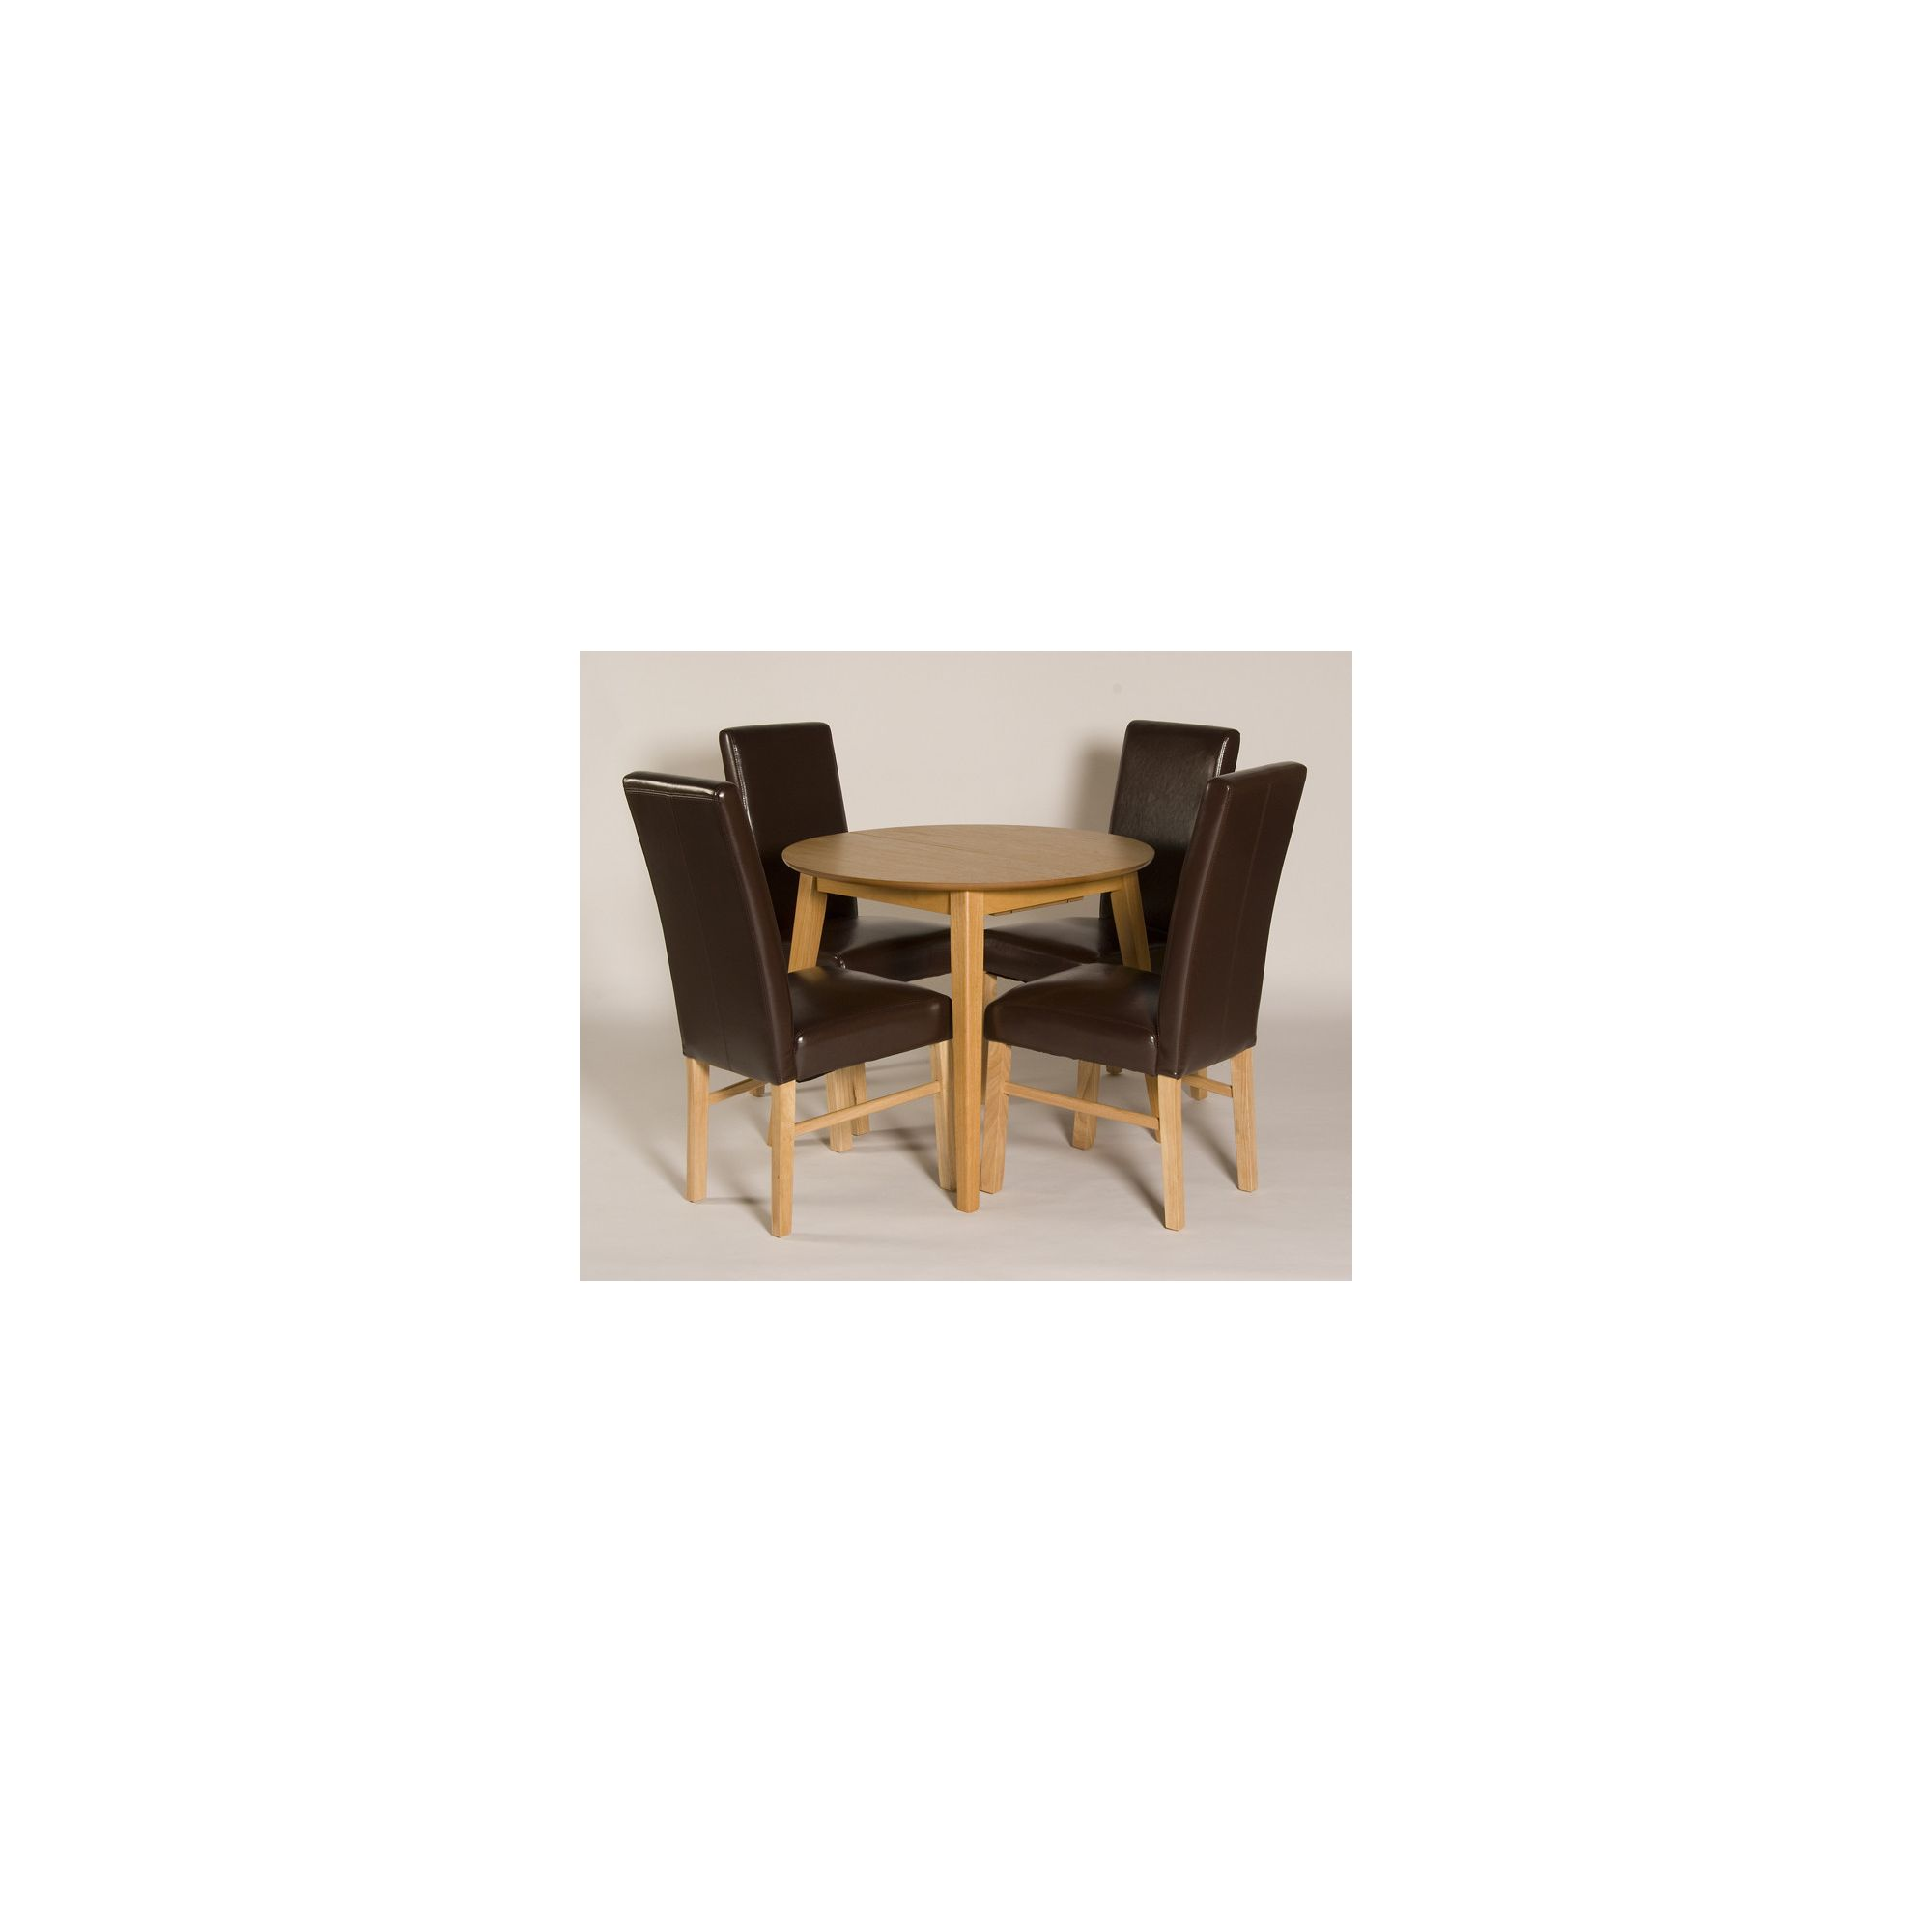 G&P Furniture Devon 5 Piece Round Flip Top Dining Set at Tesco Direct